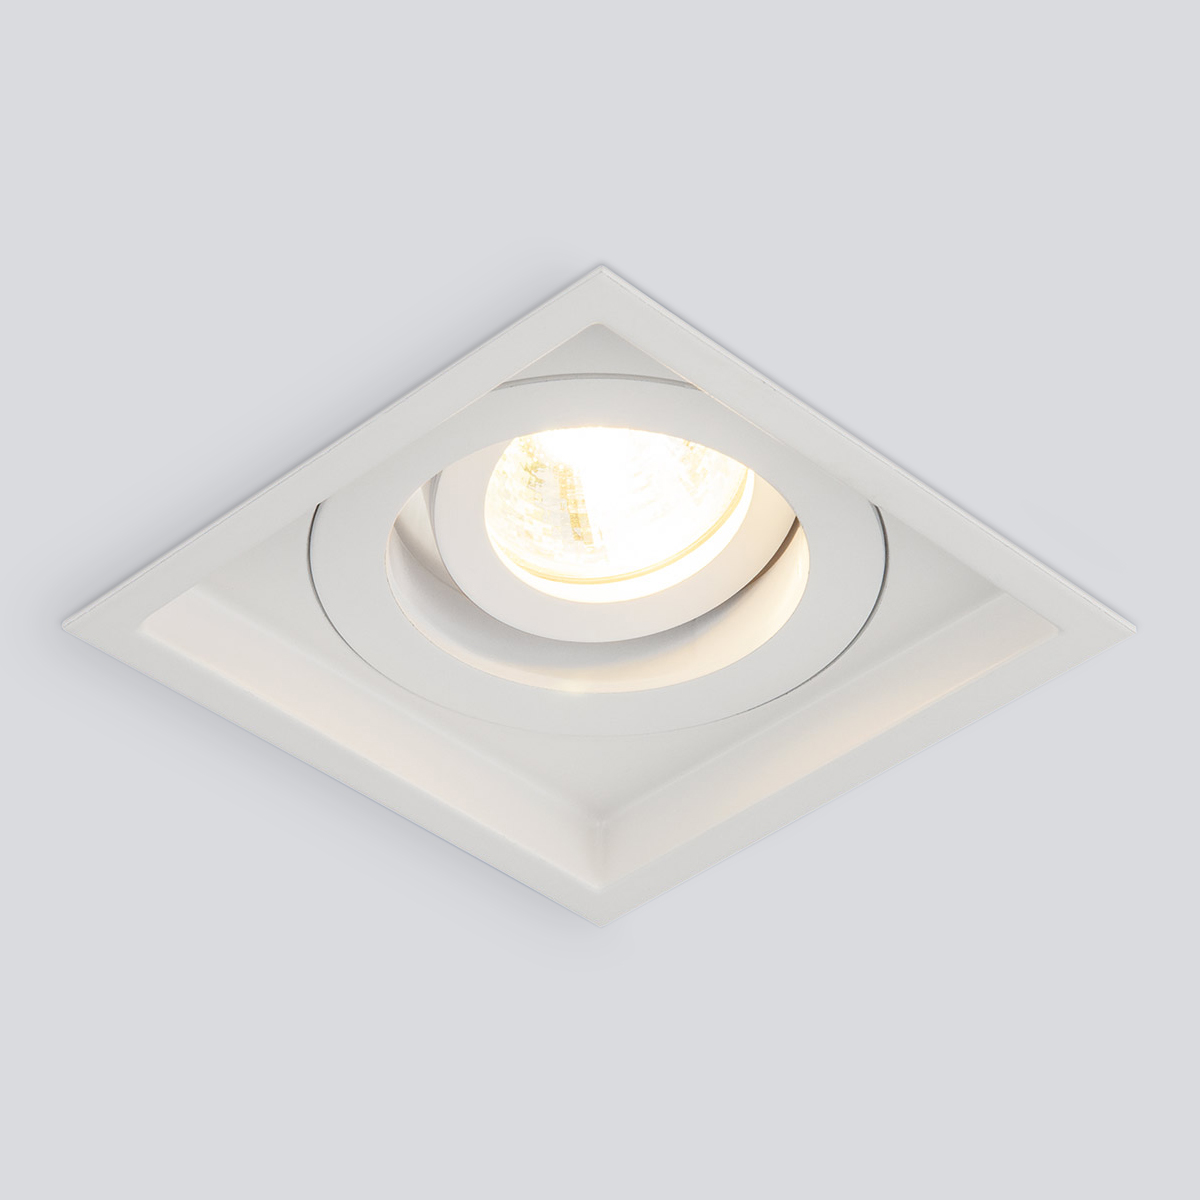 Фото Встраиваемый светильник 1071 a036503